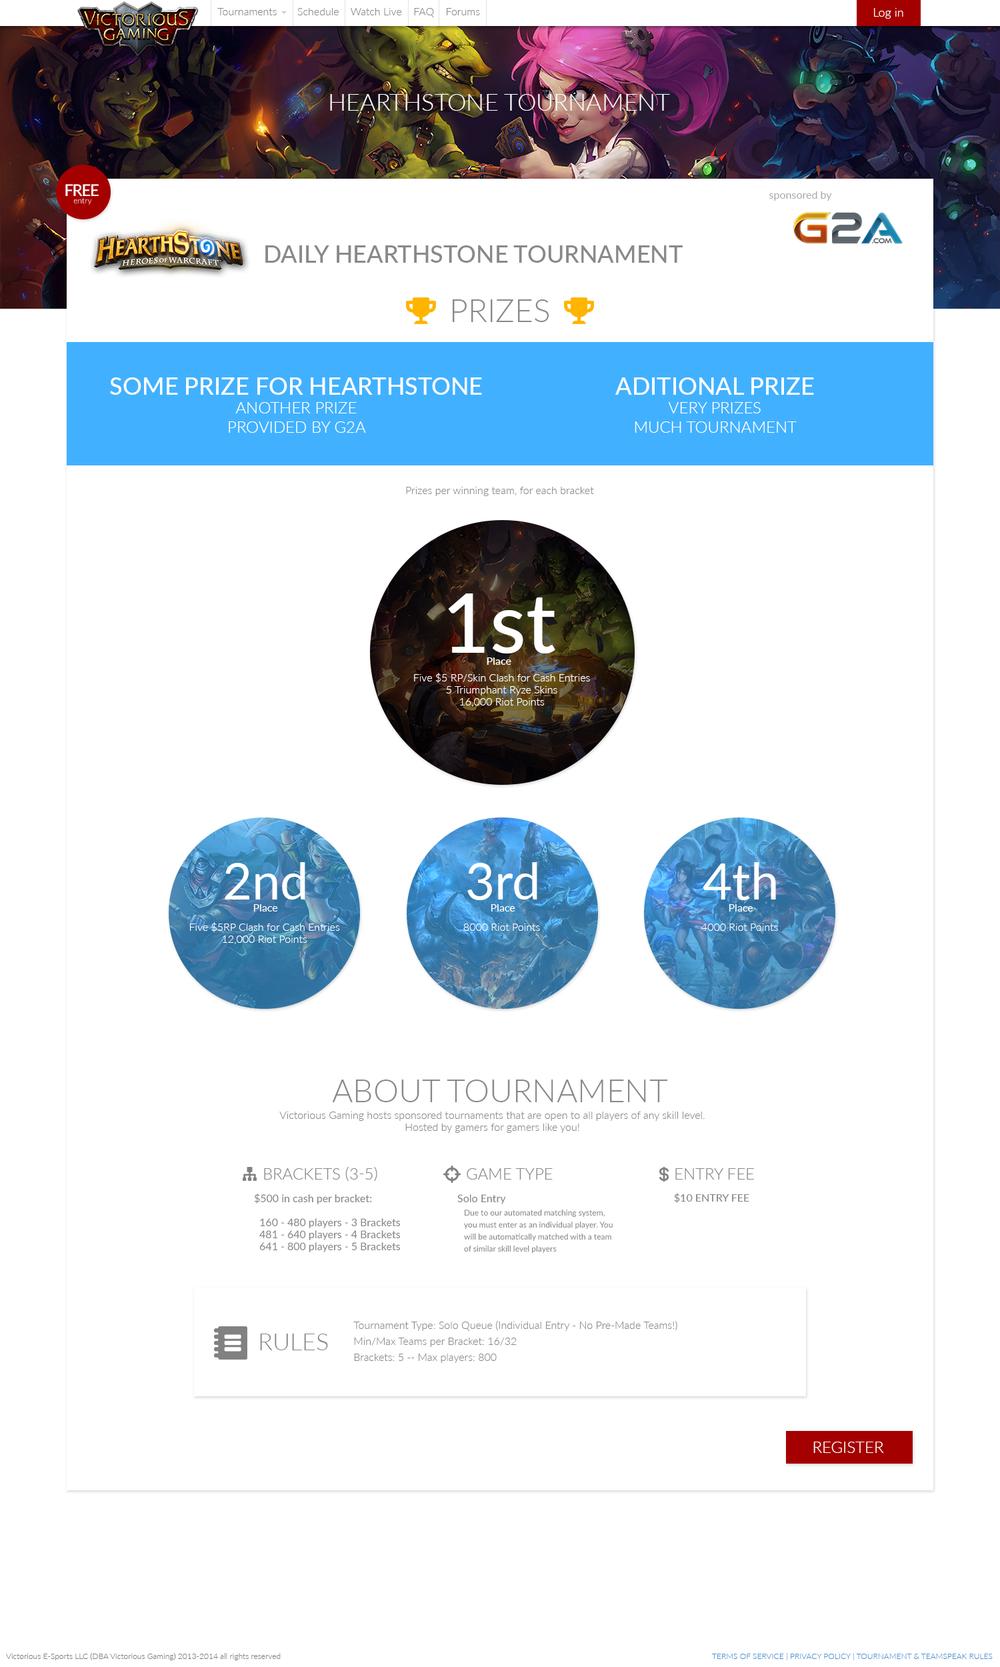 Tournament progression